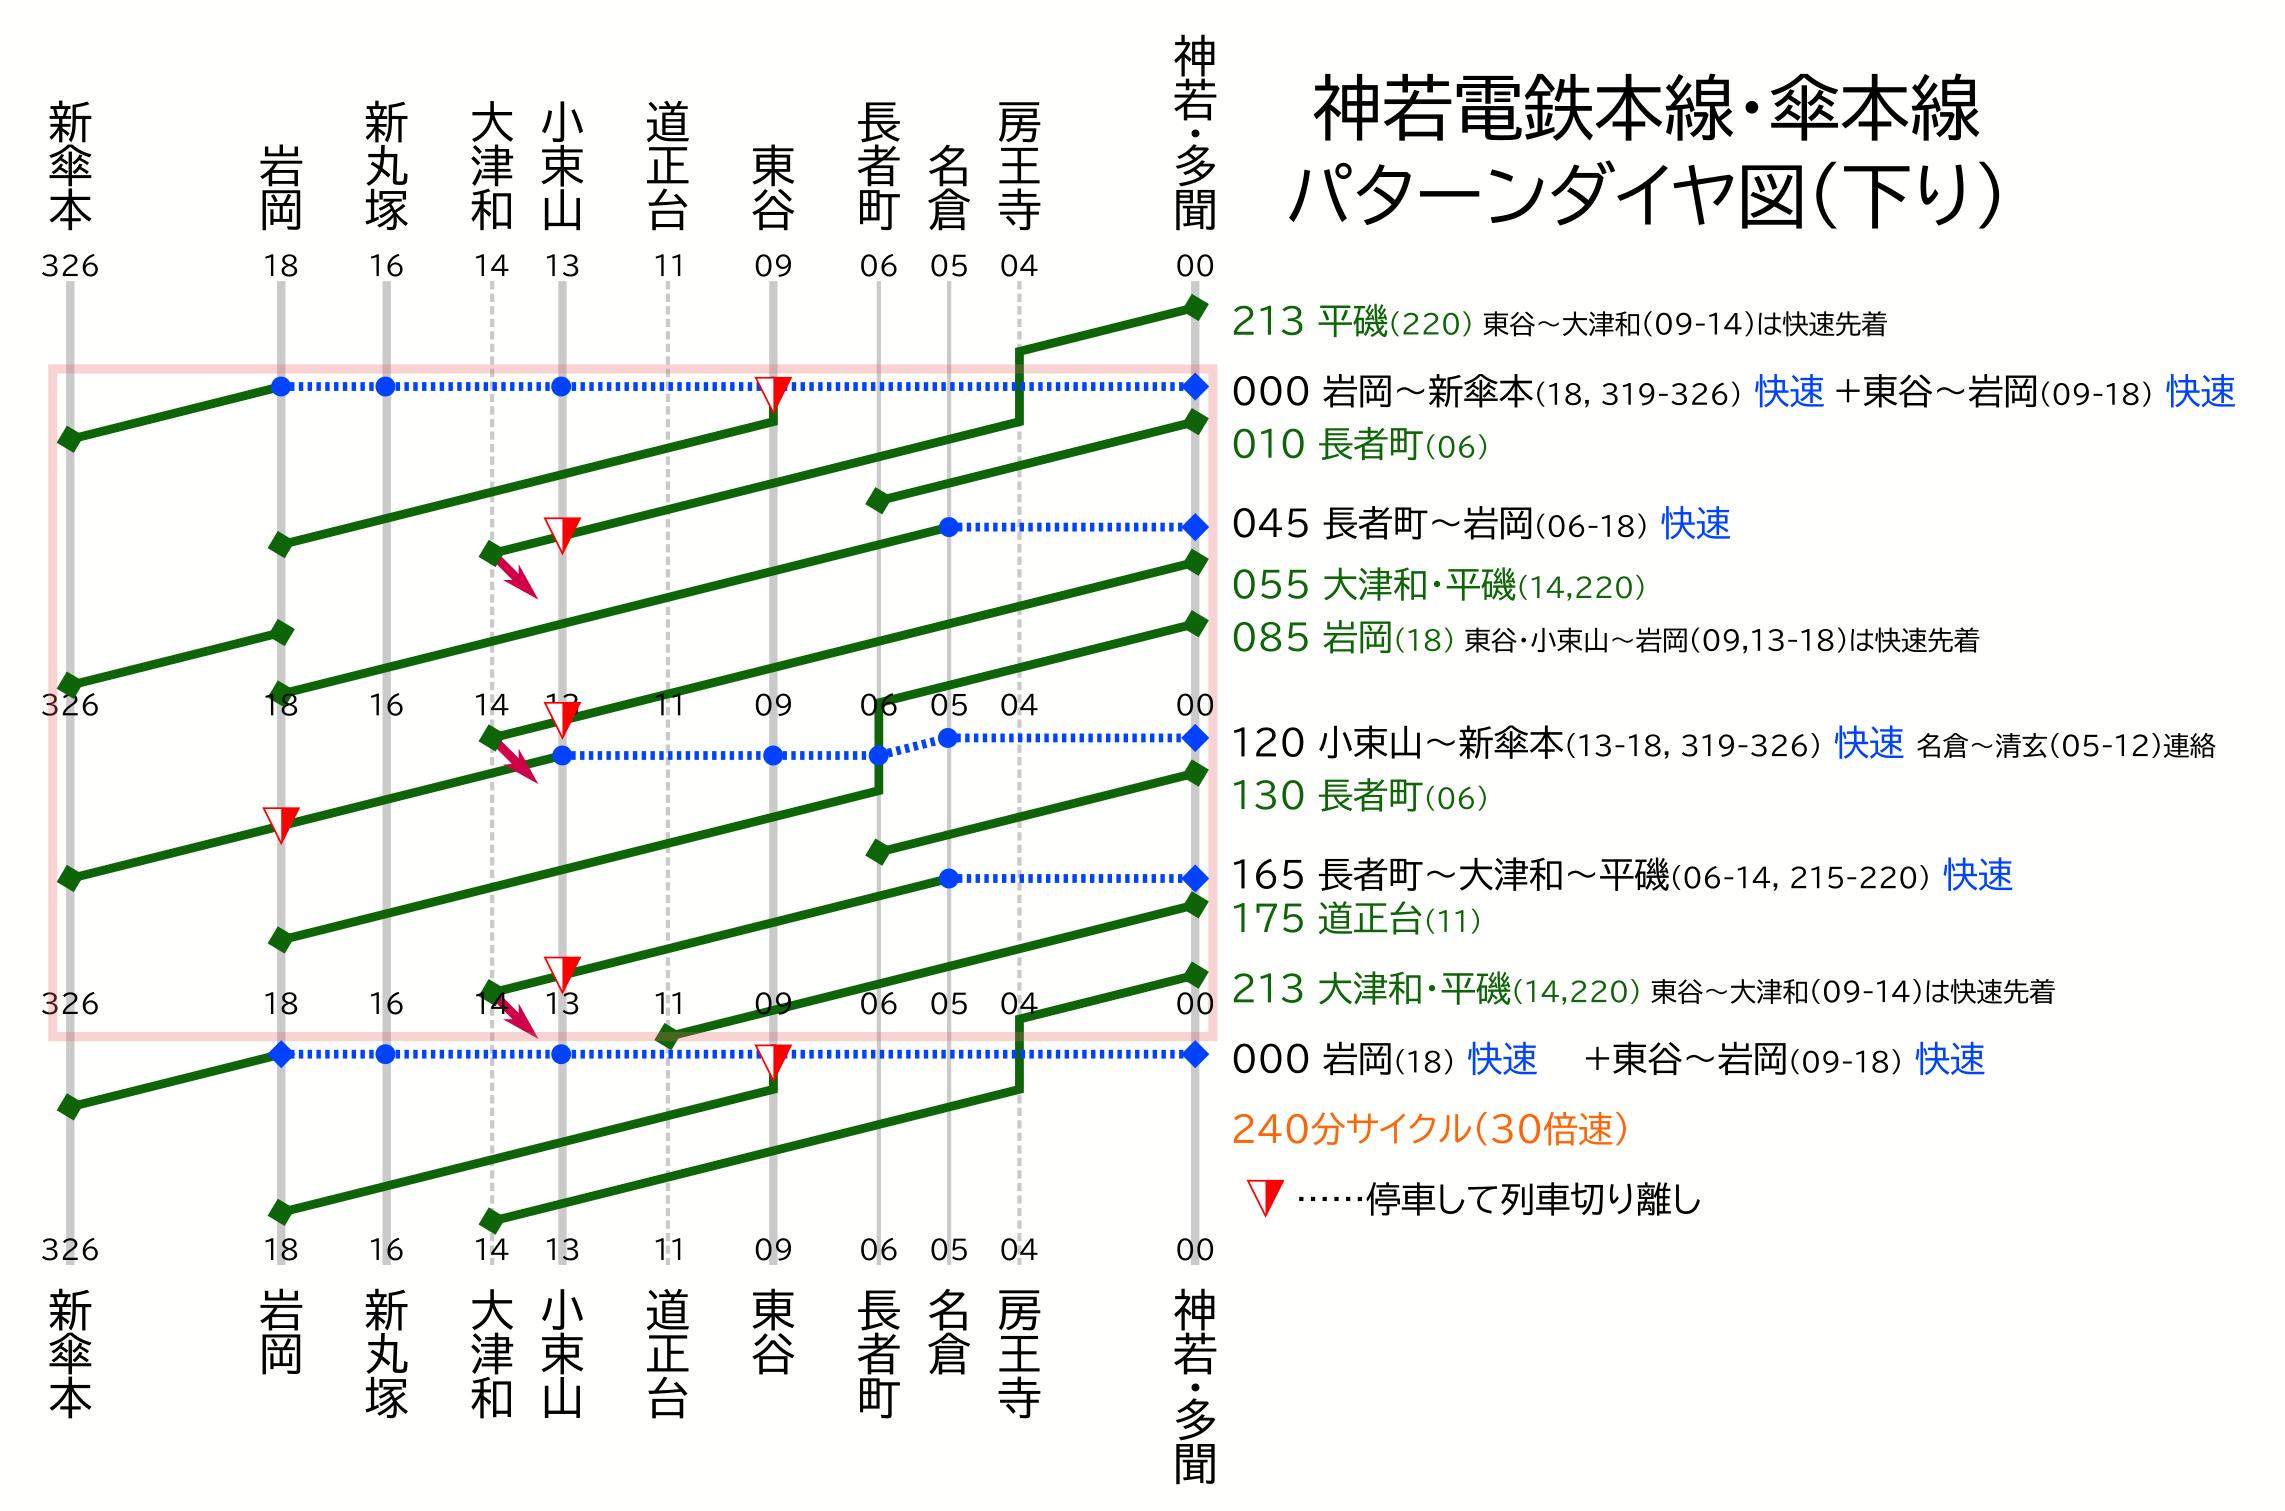 神電パターン図3.png